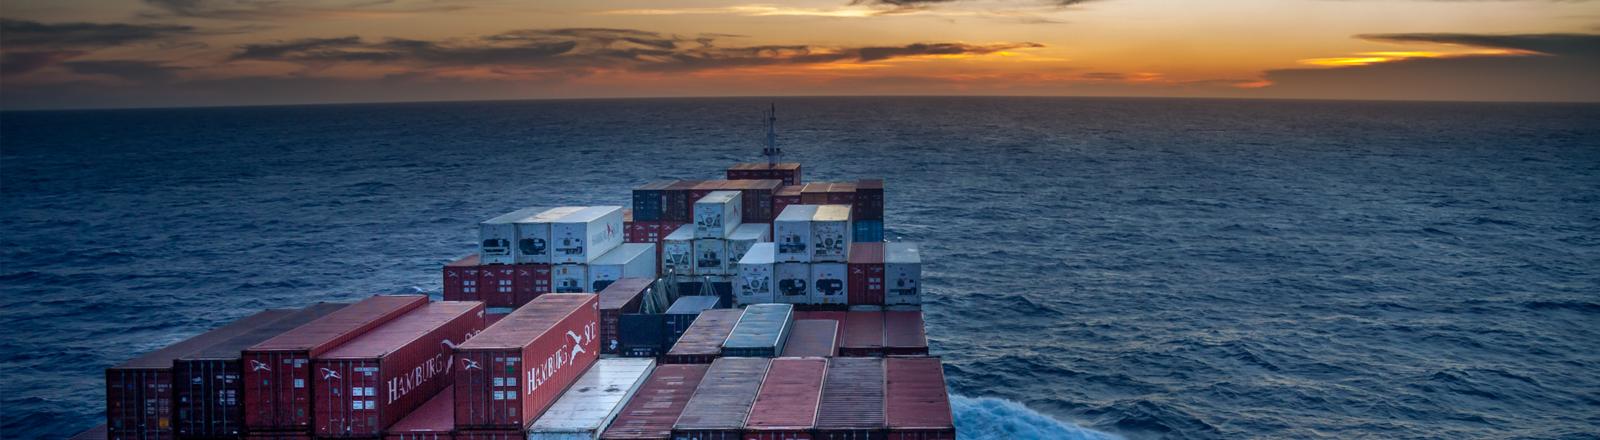 Ein Containerschiff fährt in den Sonnenuntergang